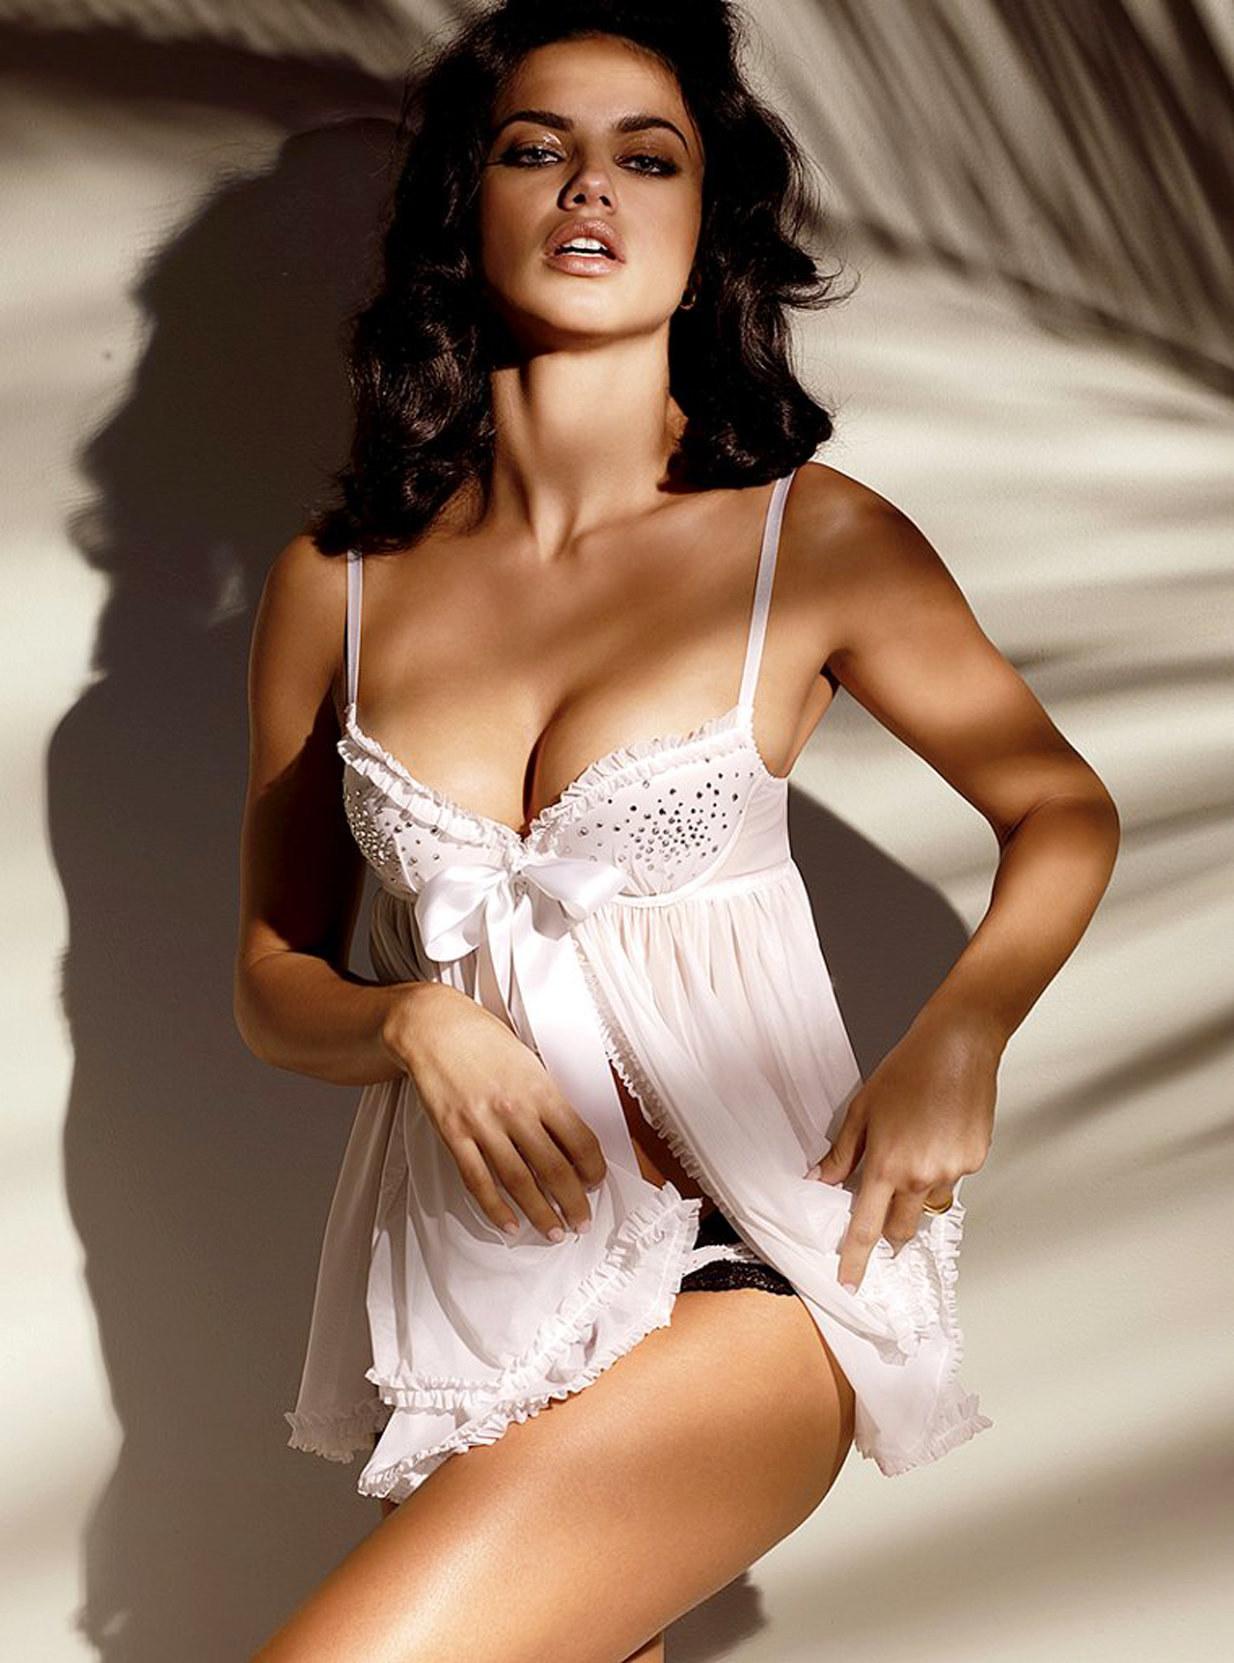 Adriana Lima Wear Sexy Lingerie for Victorias Secret Catalog February 2012-17